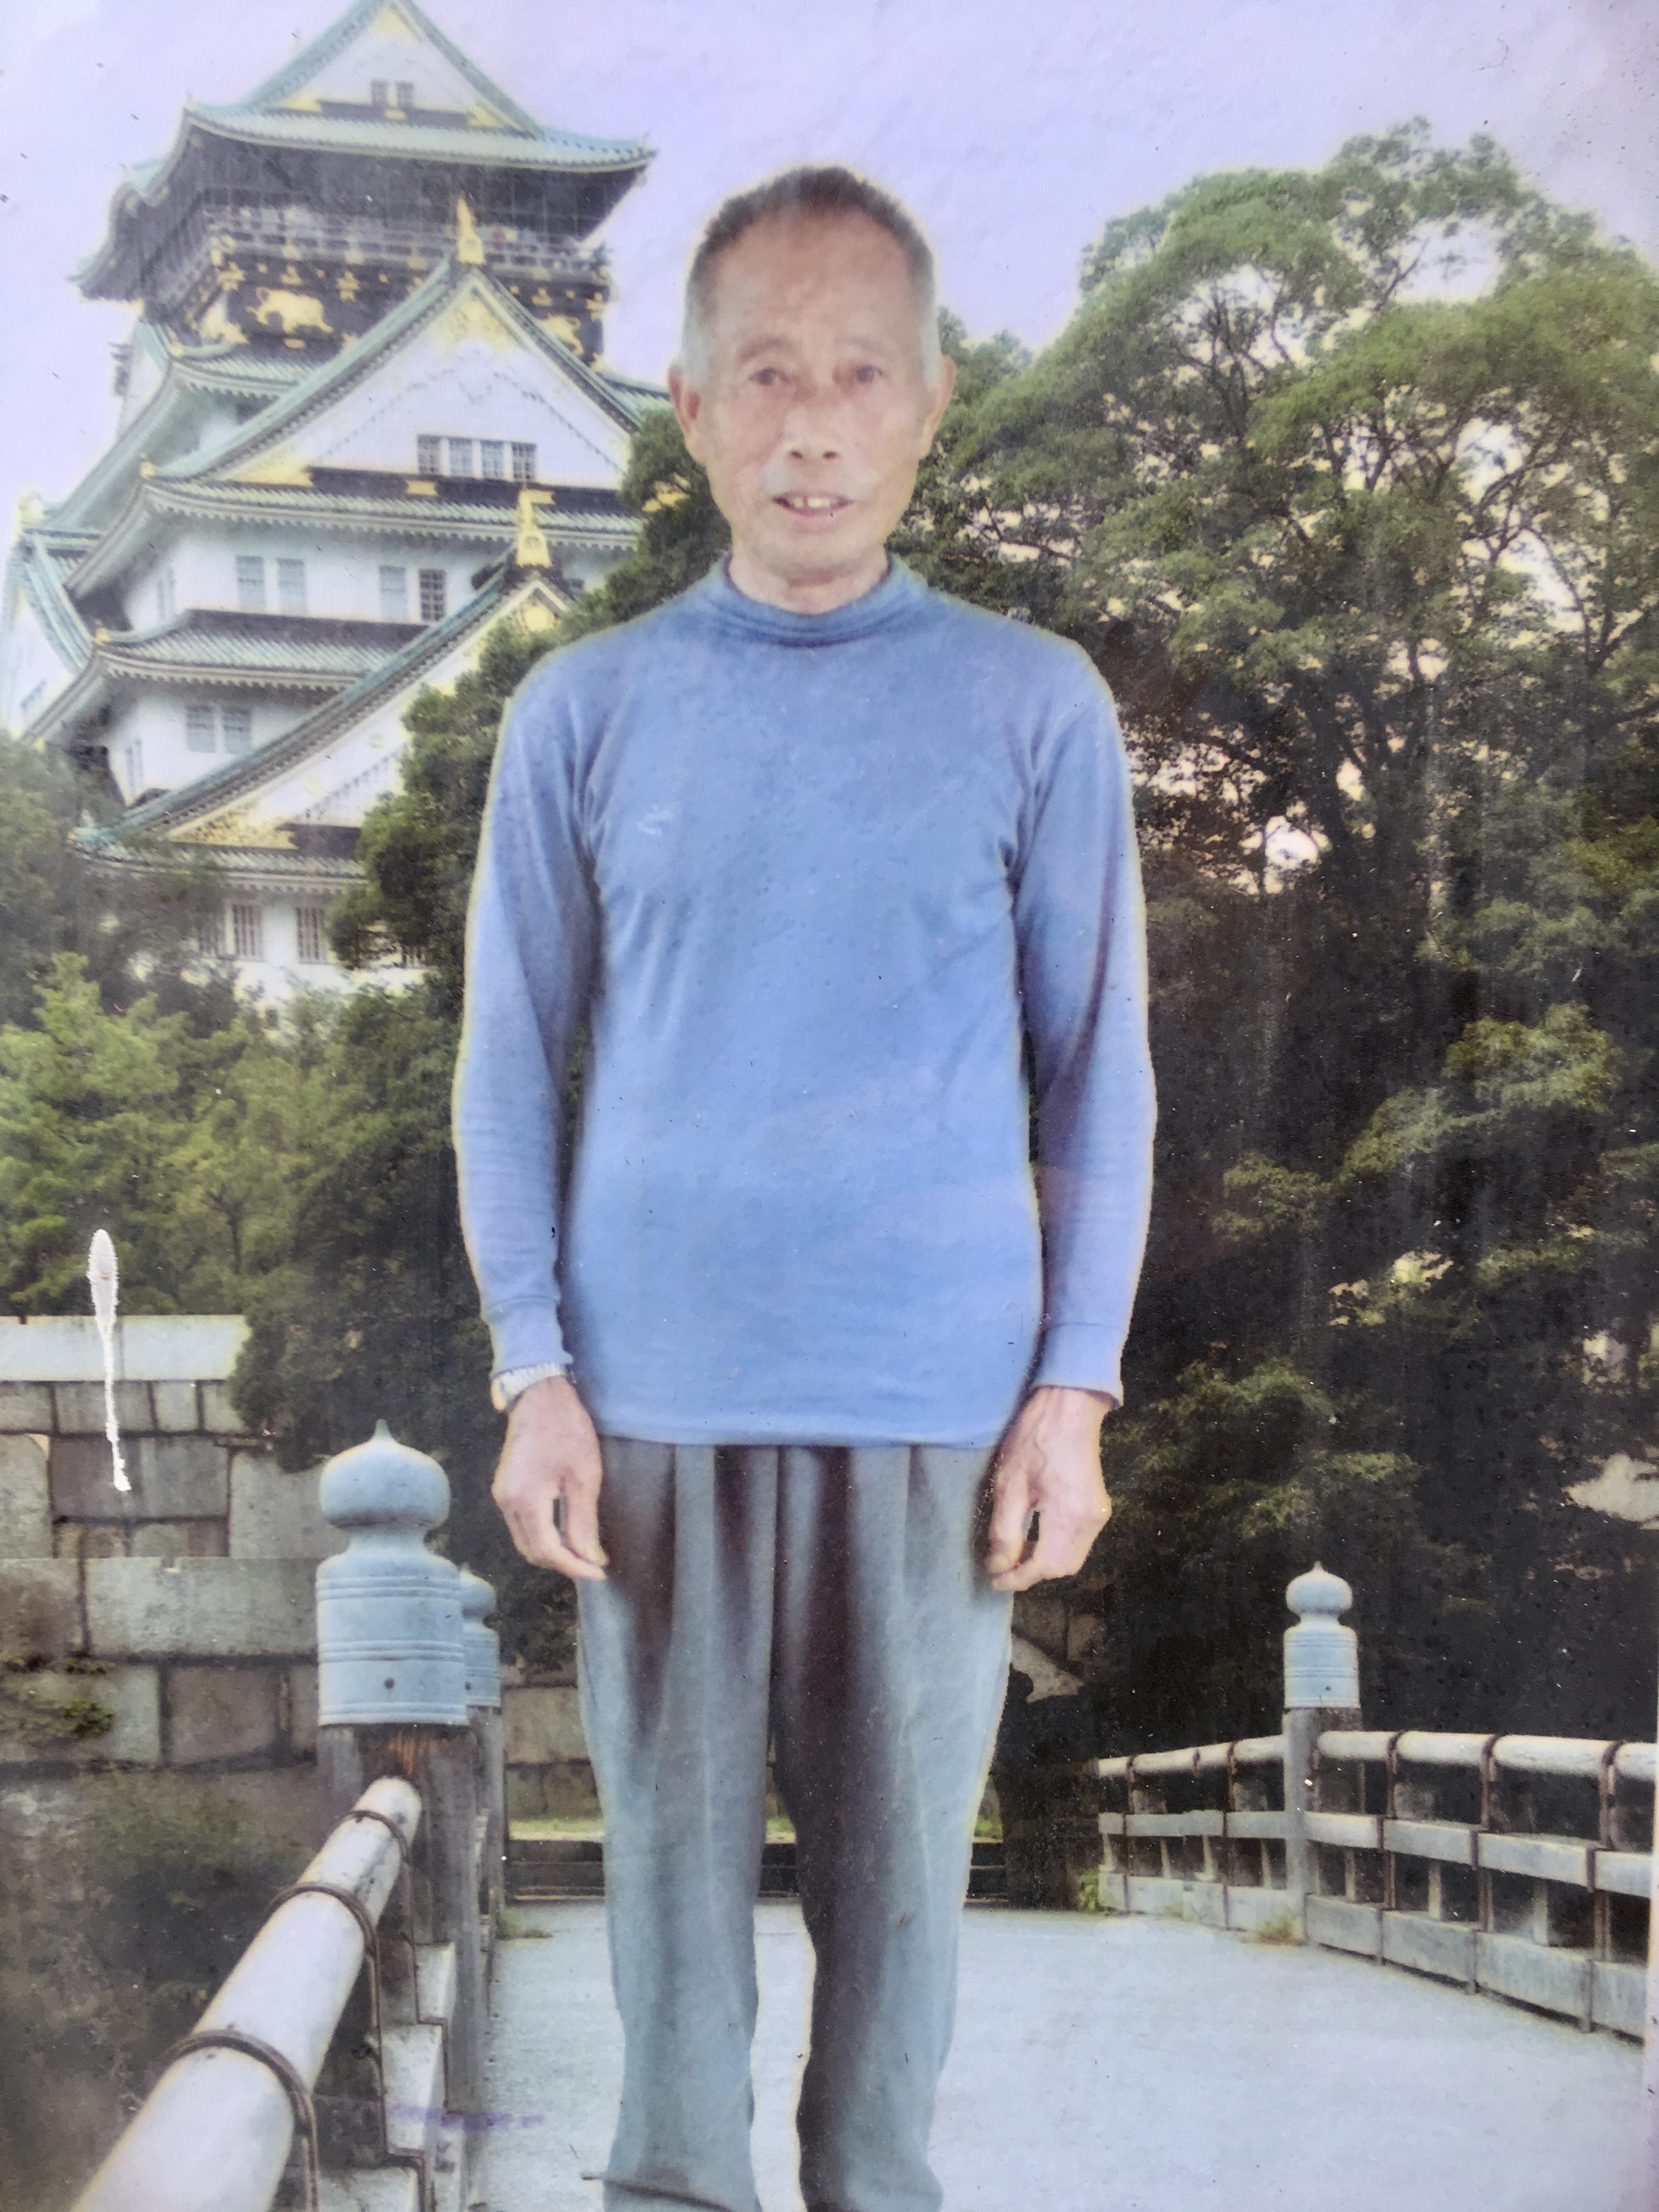 外祖父老年時的一张照片(攝于 20180217 16:37 正月初二,仅为直接对老照片进行翻拍)